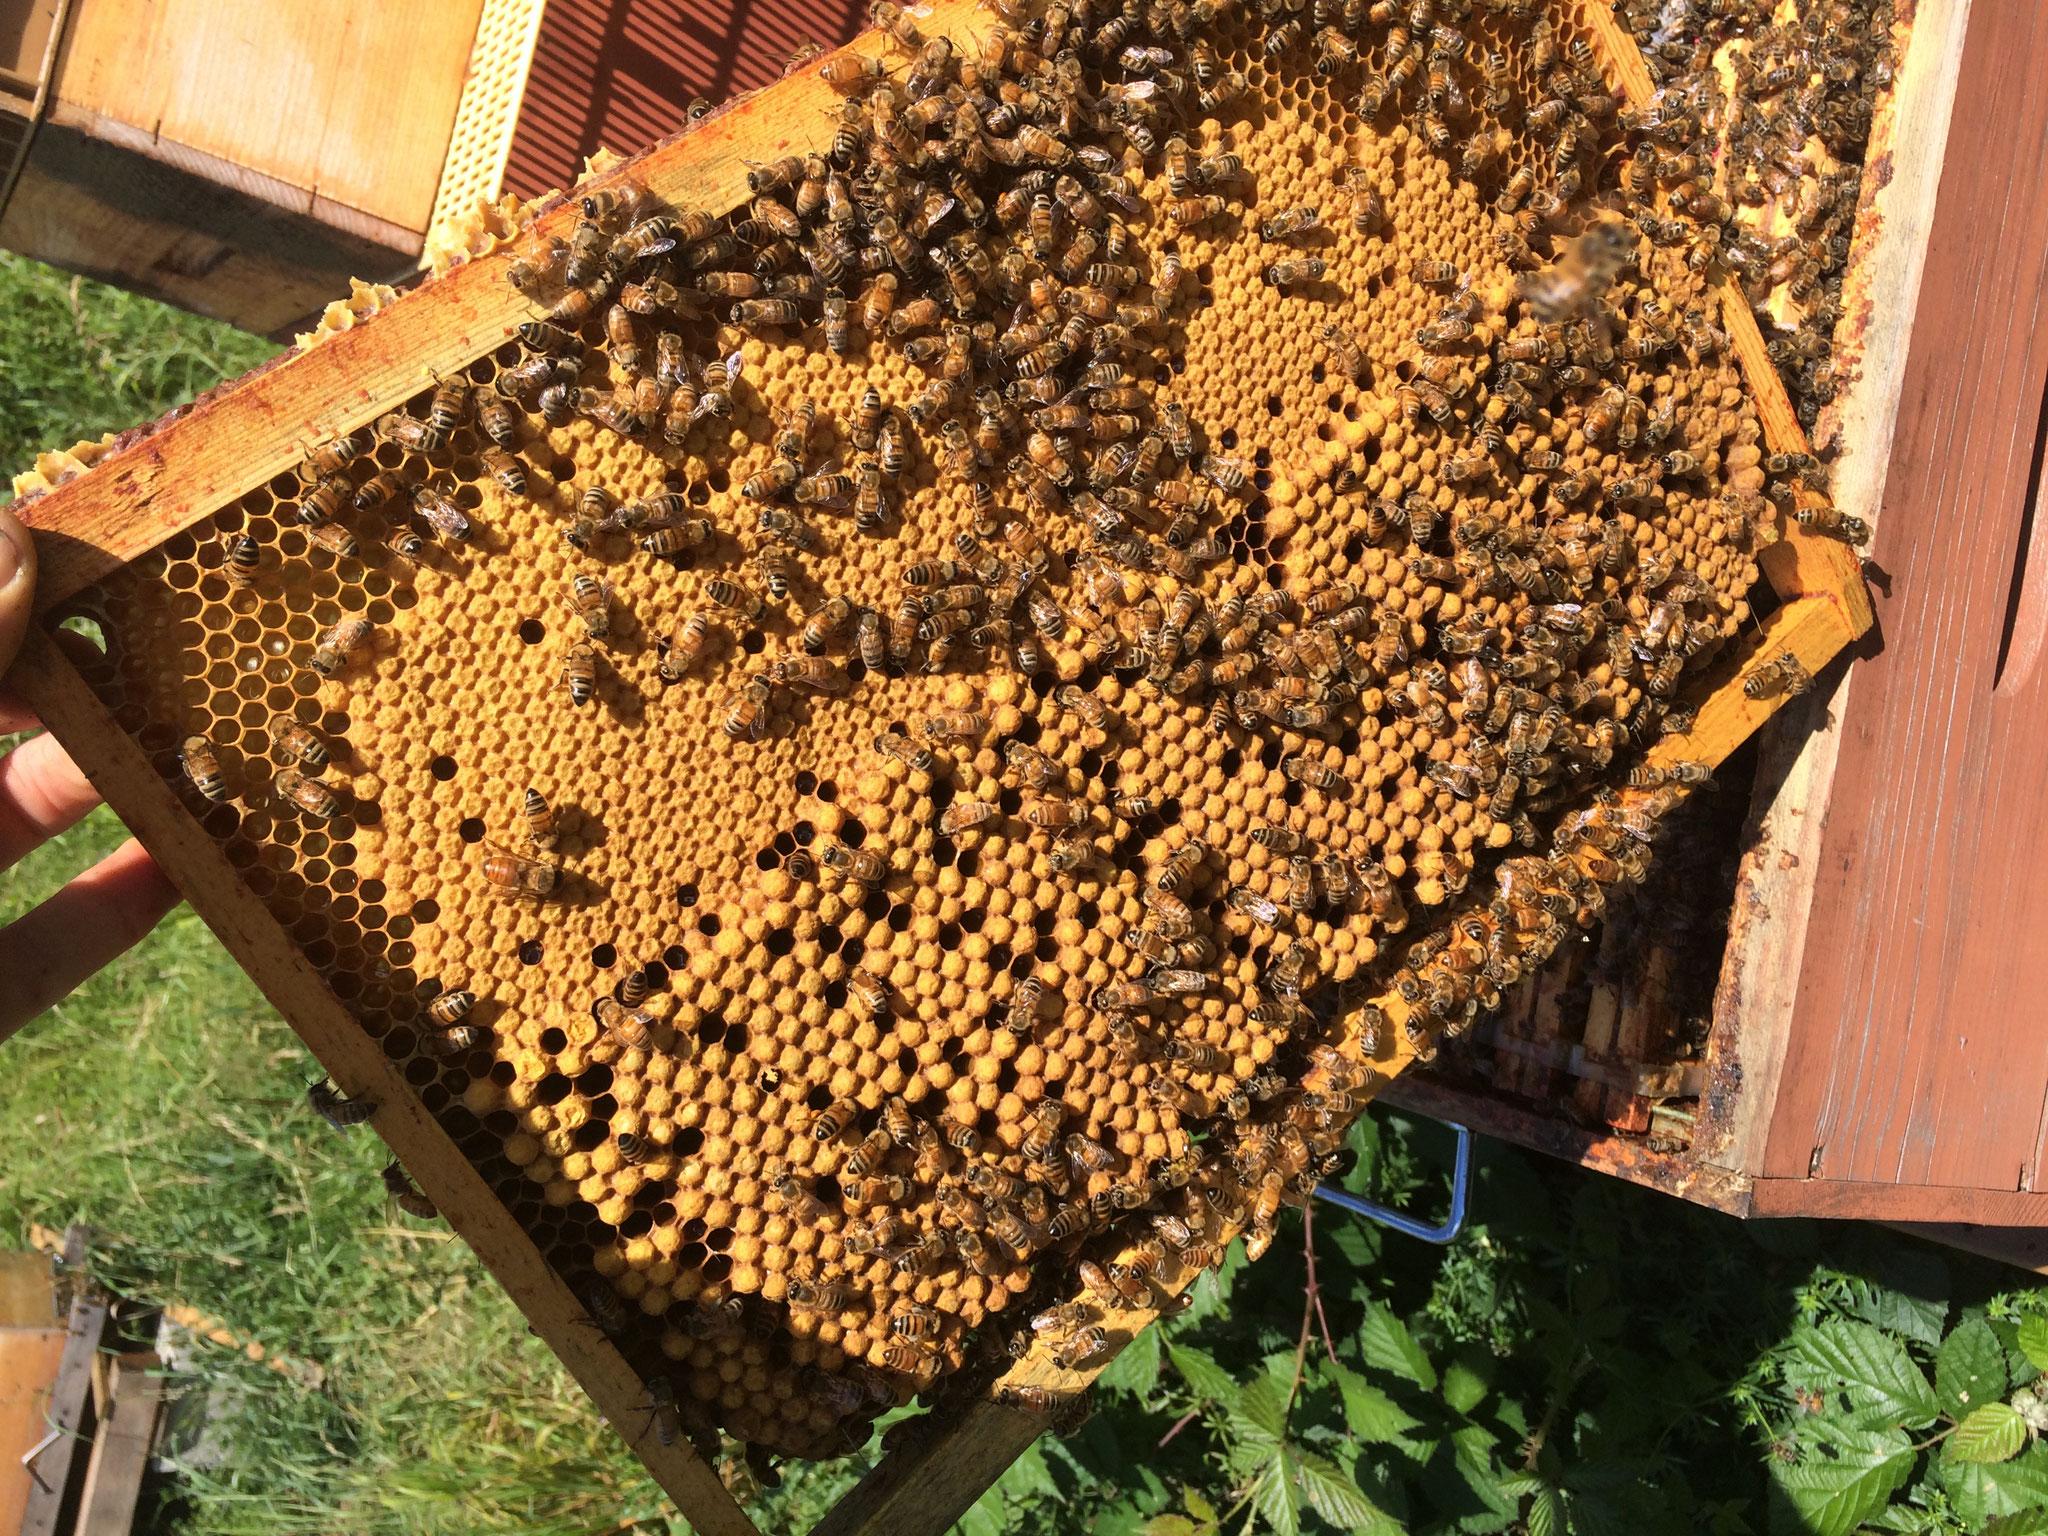 Un cadre de ruches